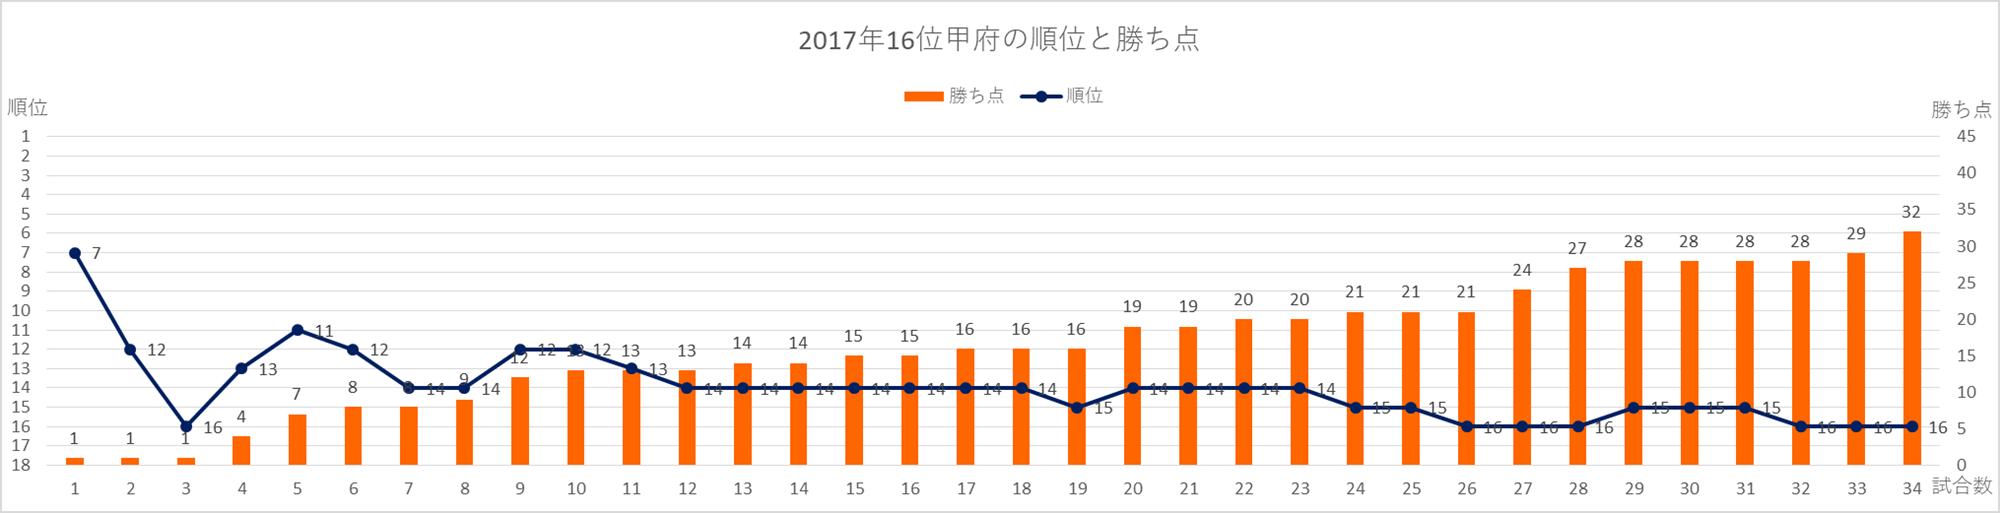 2017年甲府の順位と勝ち点の推移